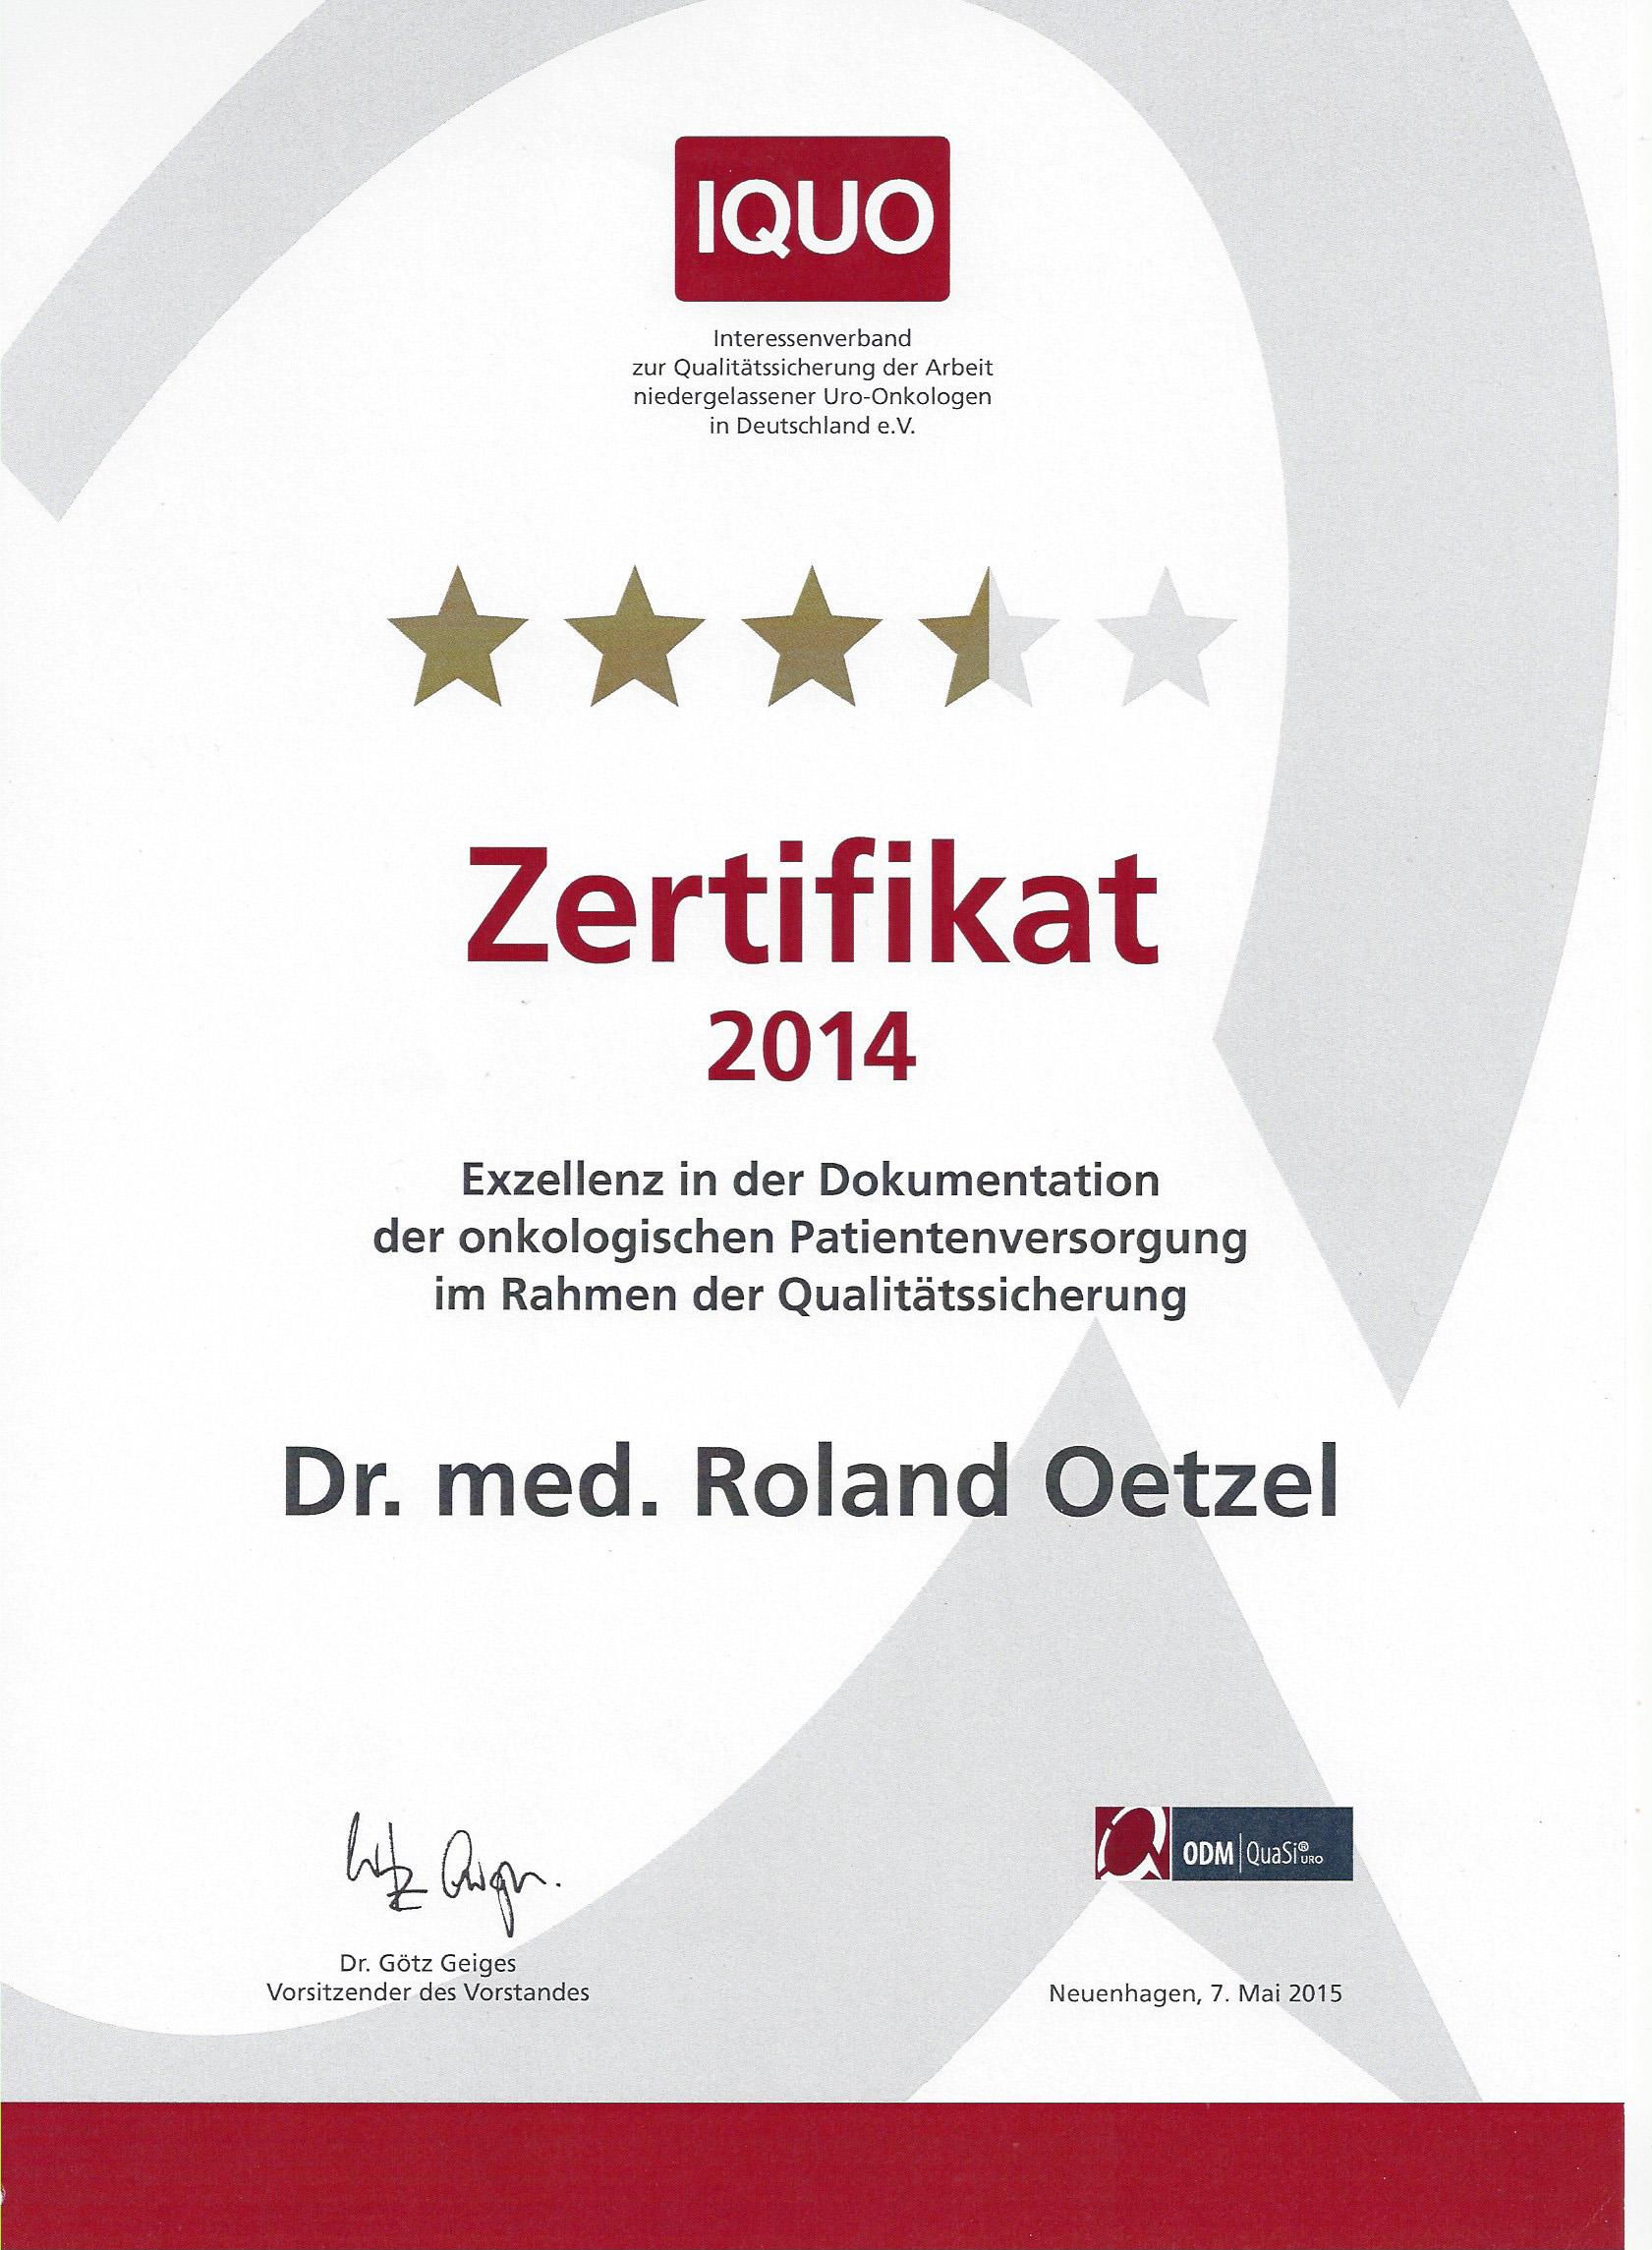 Groß Zertifikat Der Abschlussvorlagen Bilder - Entry Level Resume ...